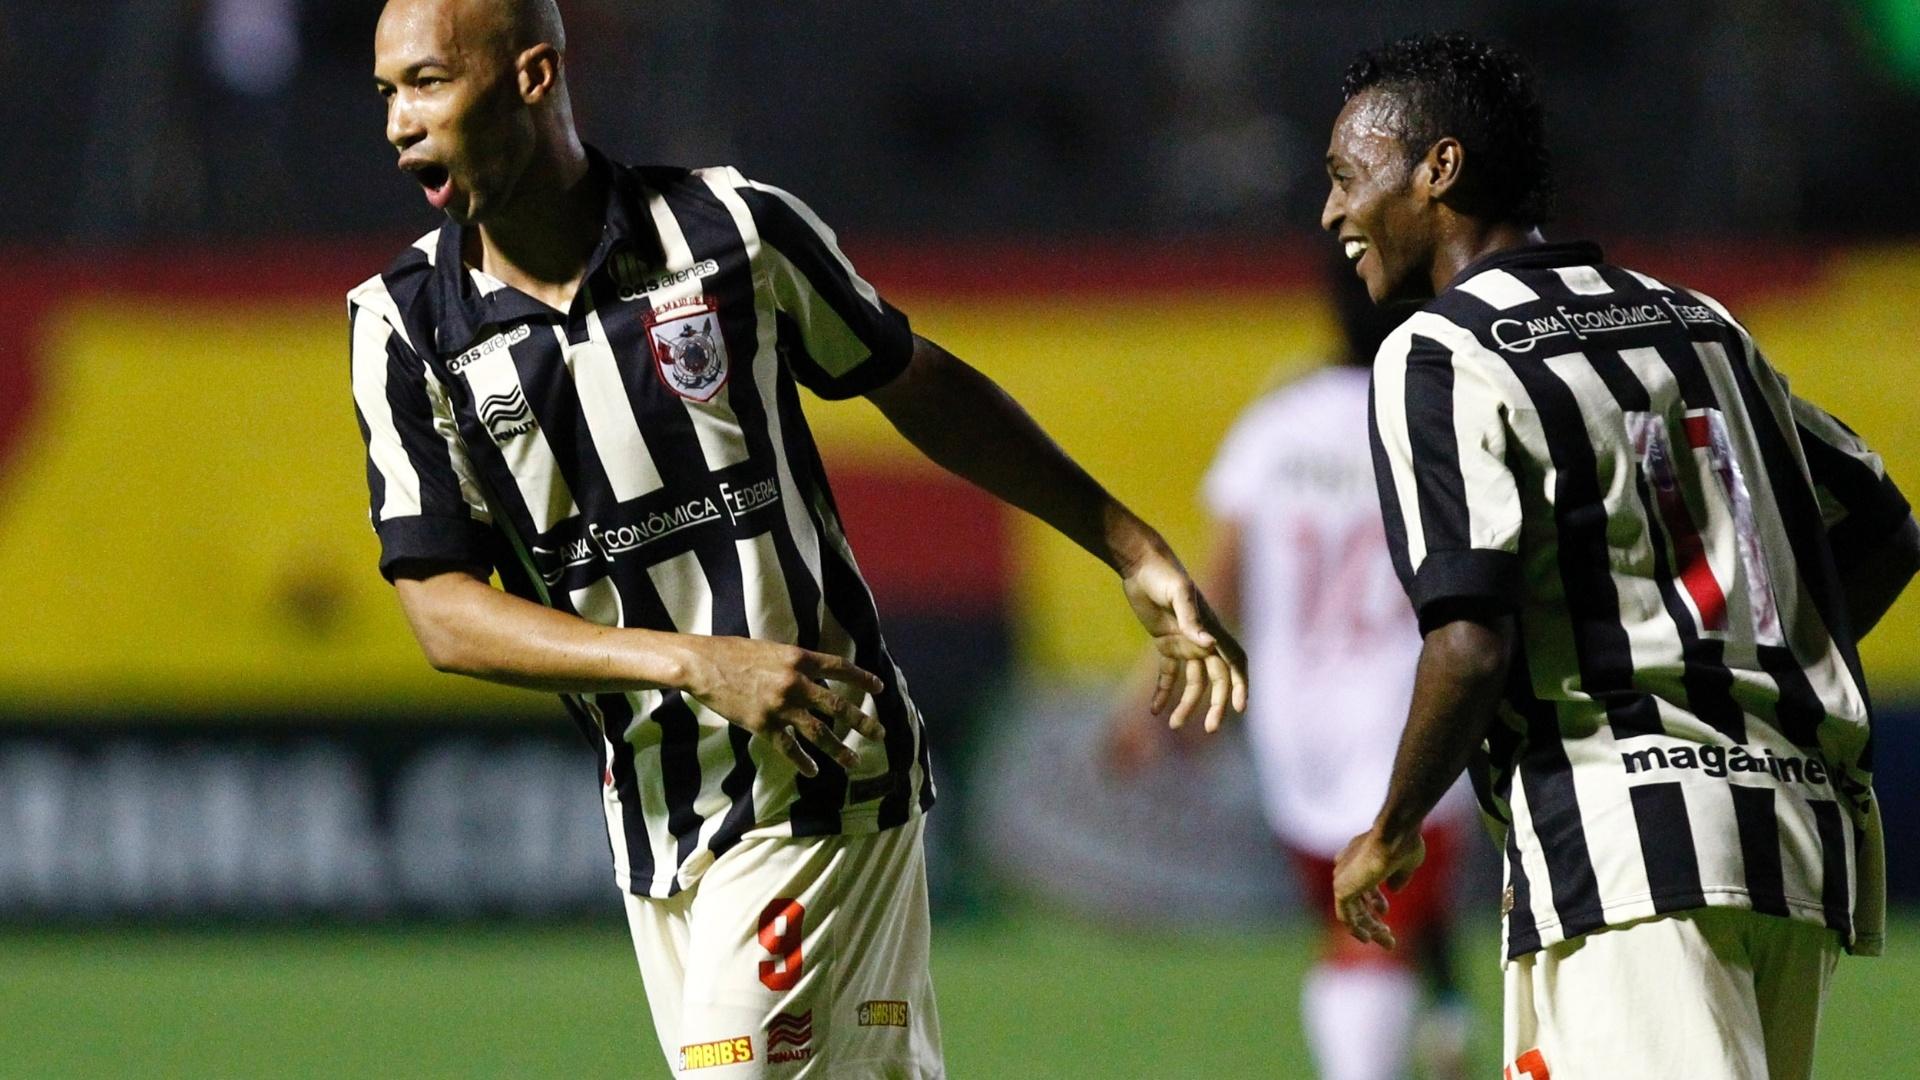 15.set.2013 - Atacante Dinei comemora após marcar para o Vitória contra o Náutico em partida do Brasileirão